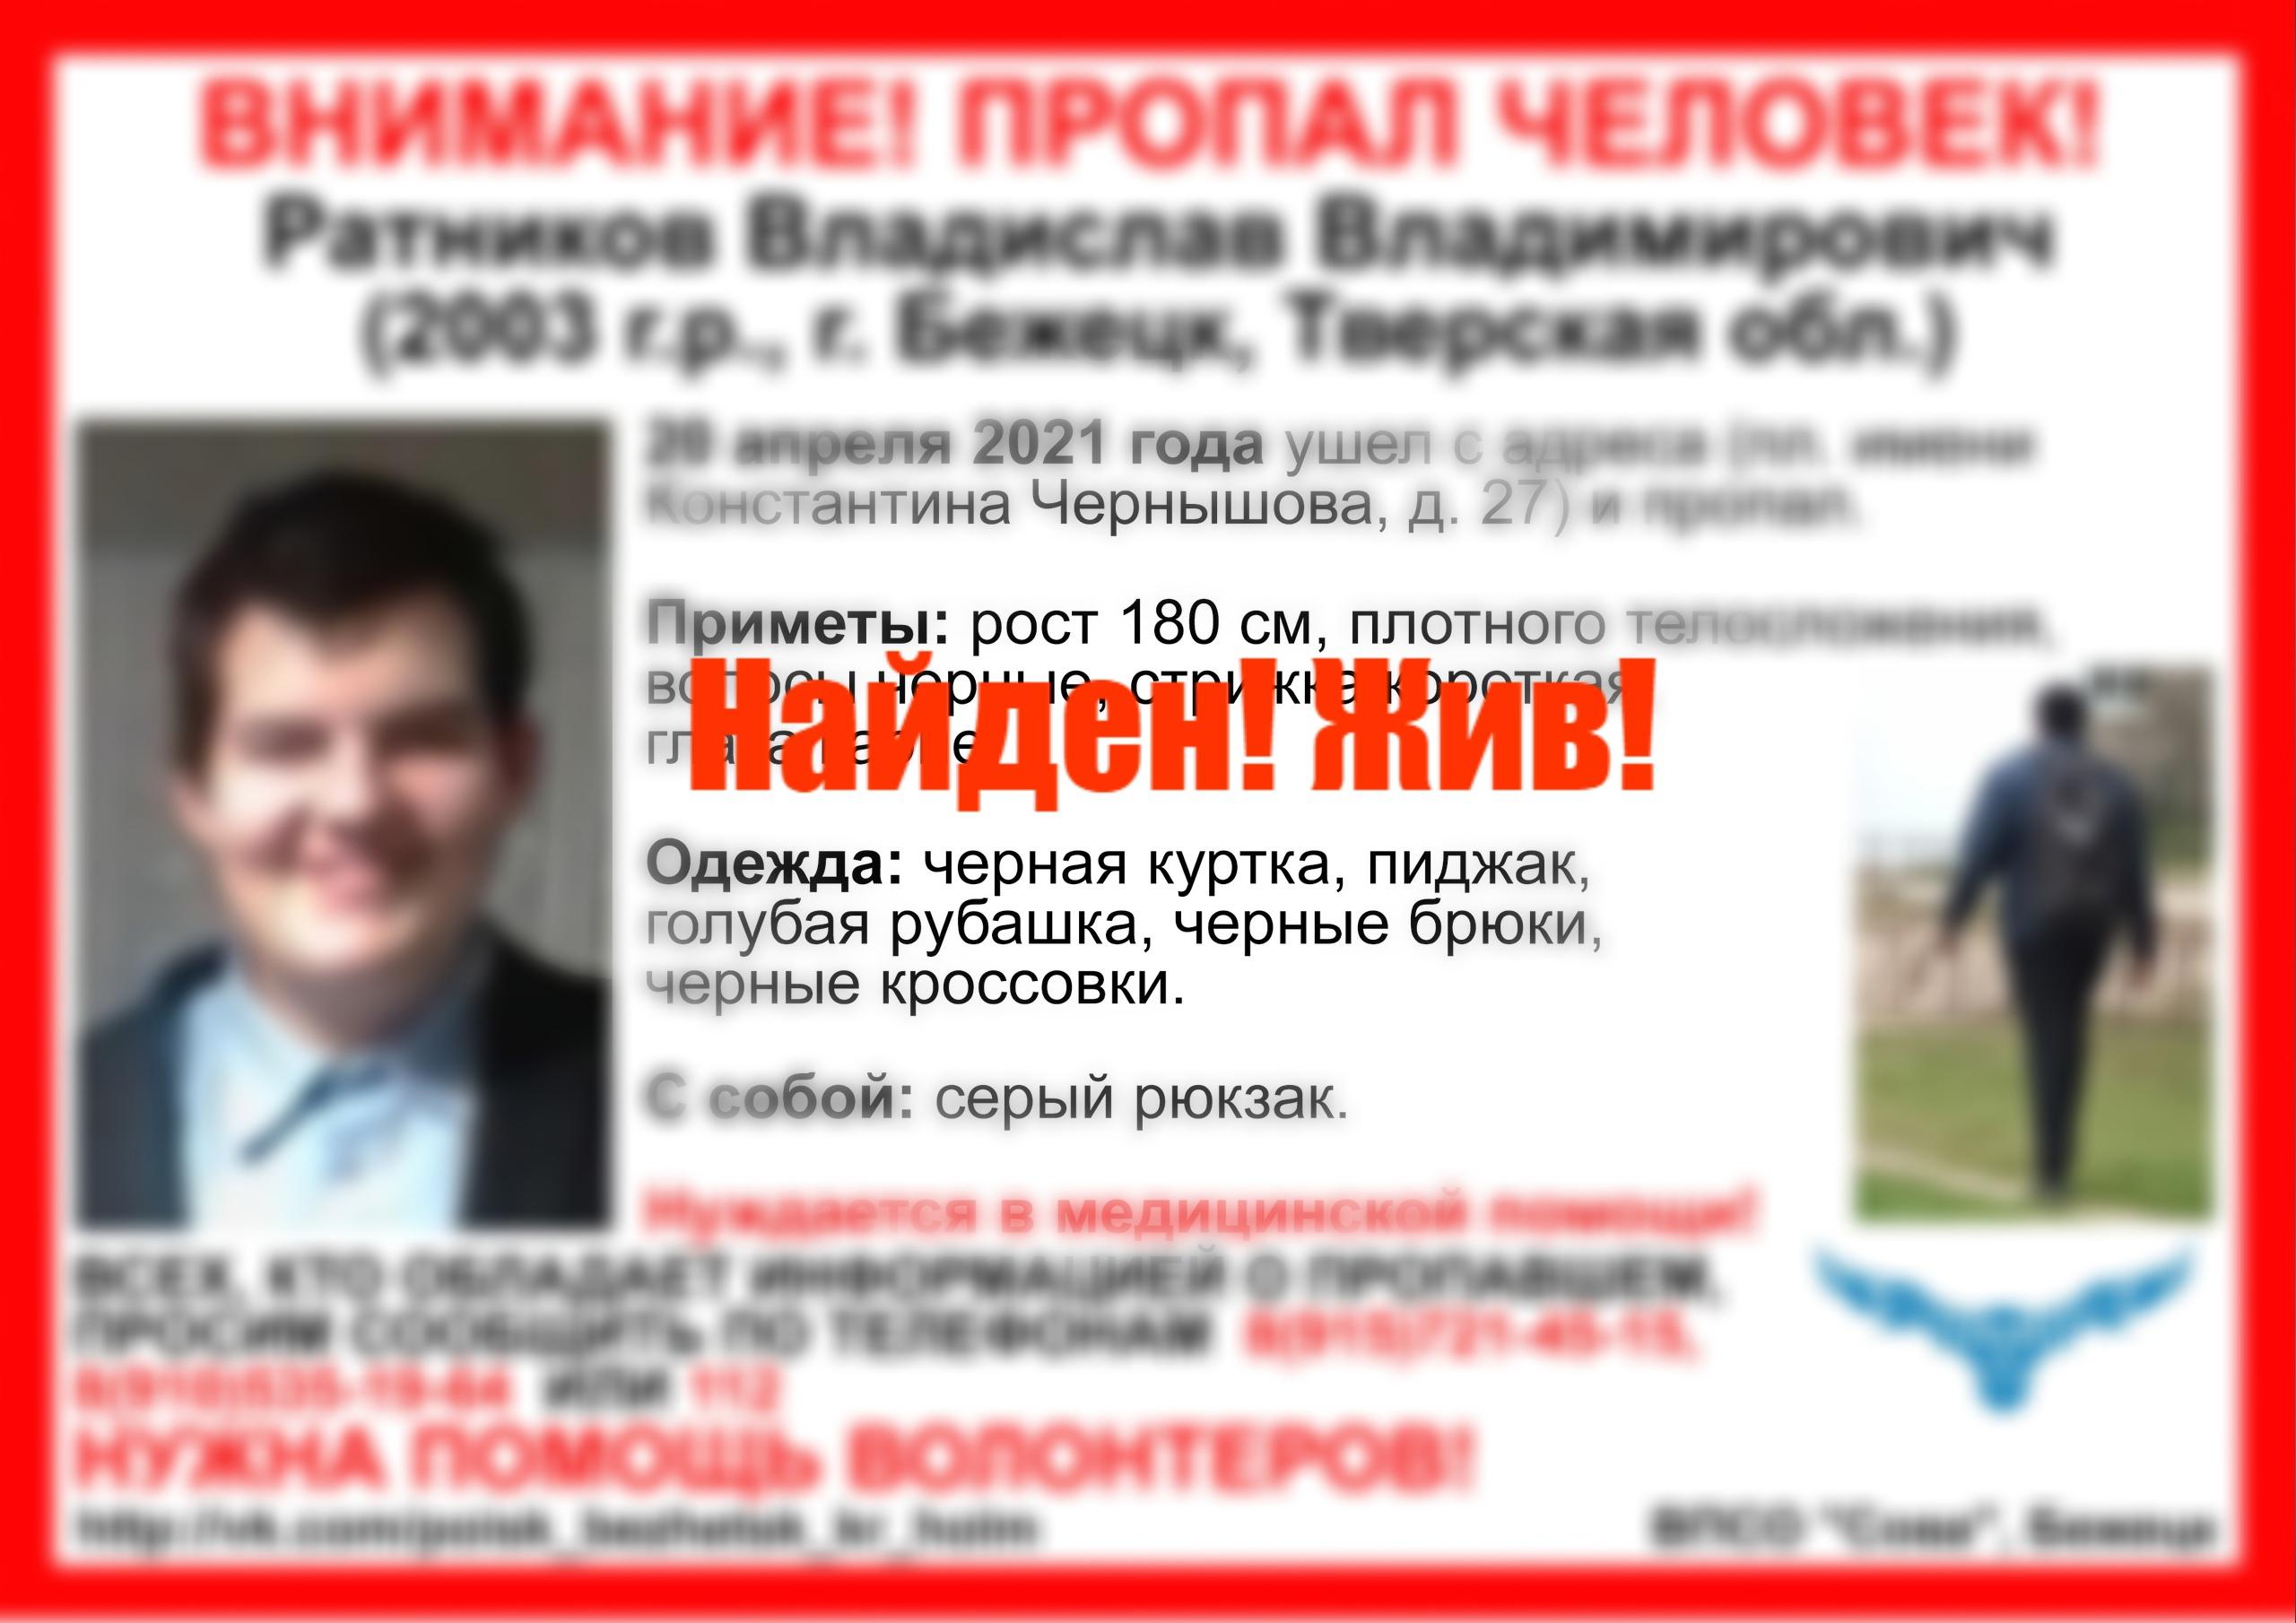 В Тверской области пропал высокий 17-летний парень плотного телосложения